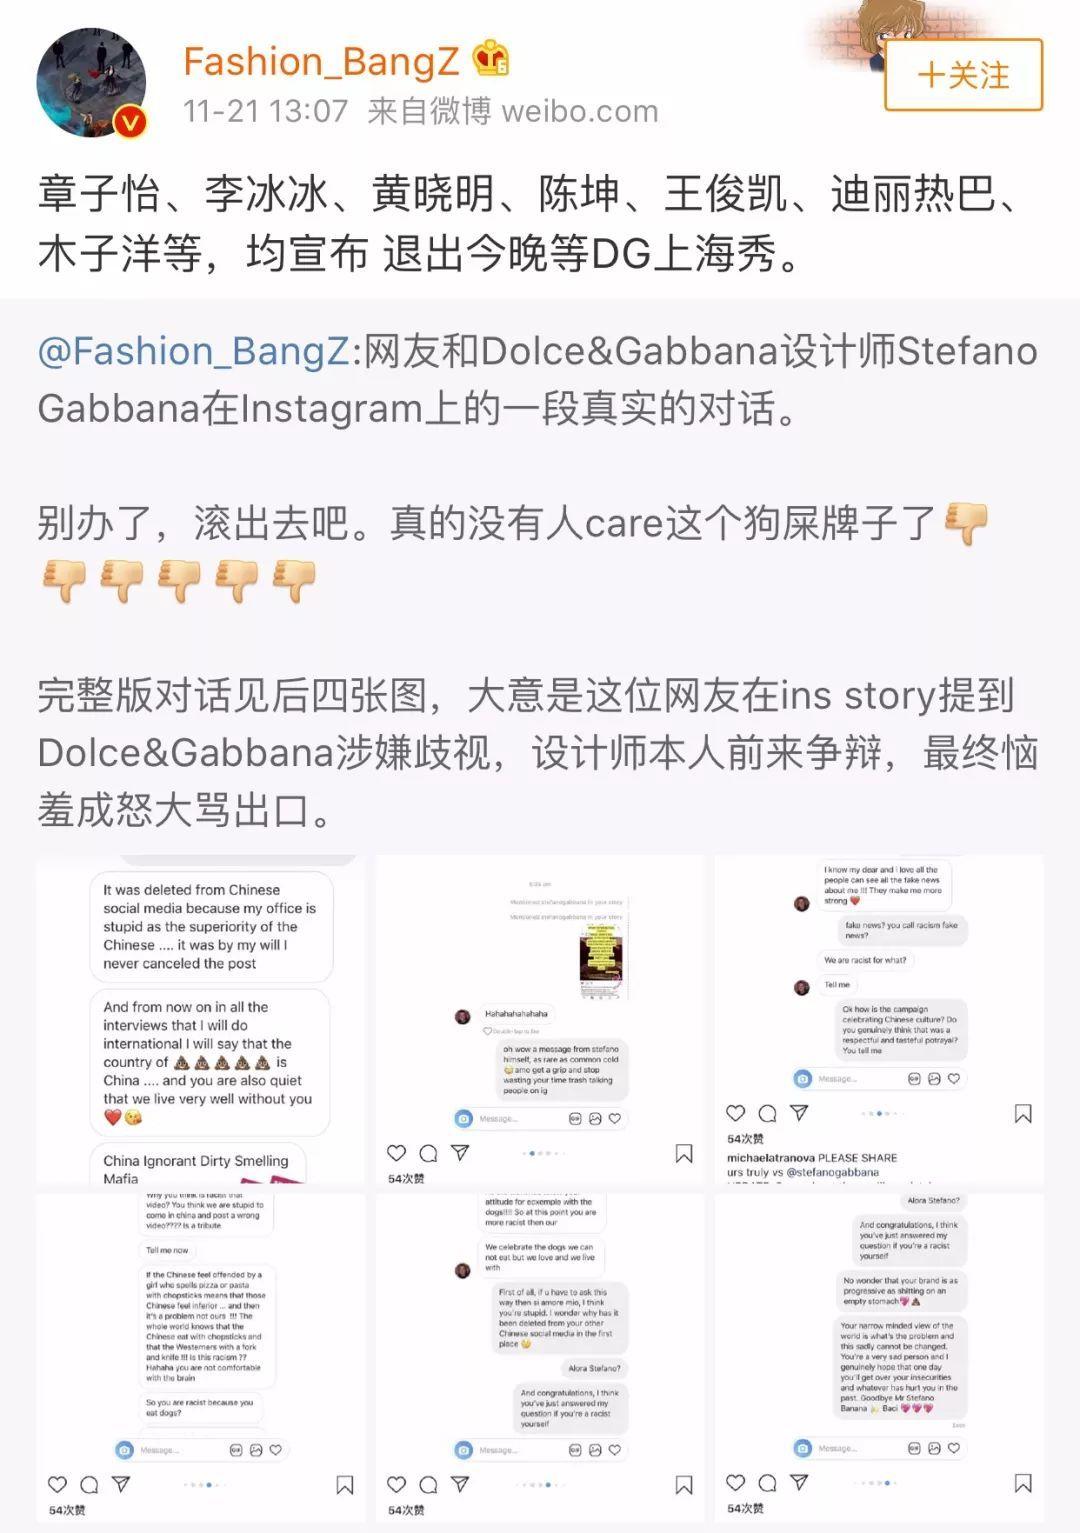 在造成严重影响后,stefano gabbana本人则在instagram发布贴文解释图片